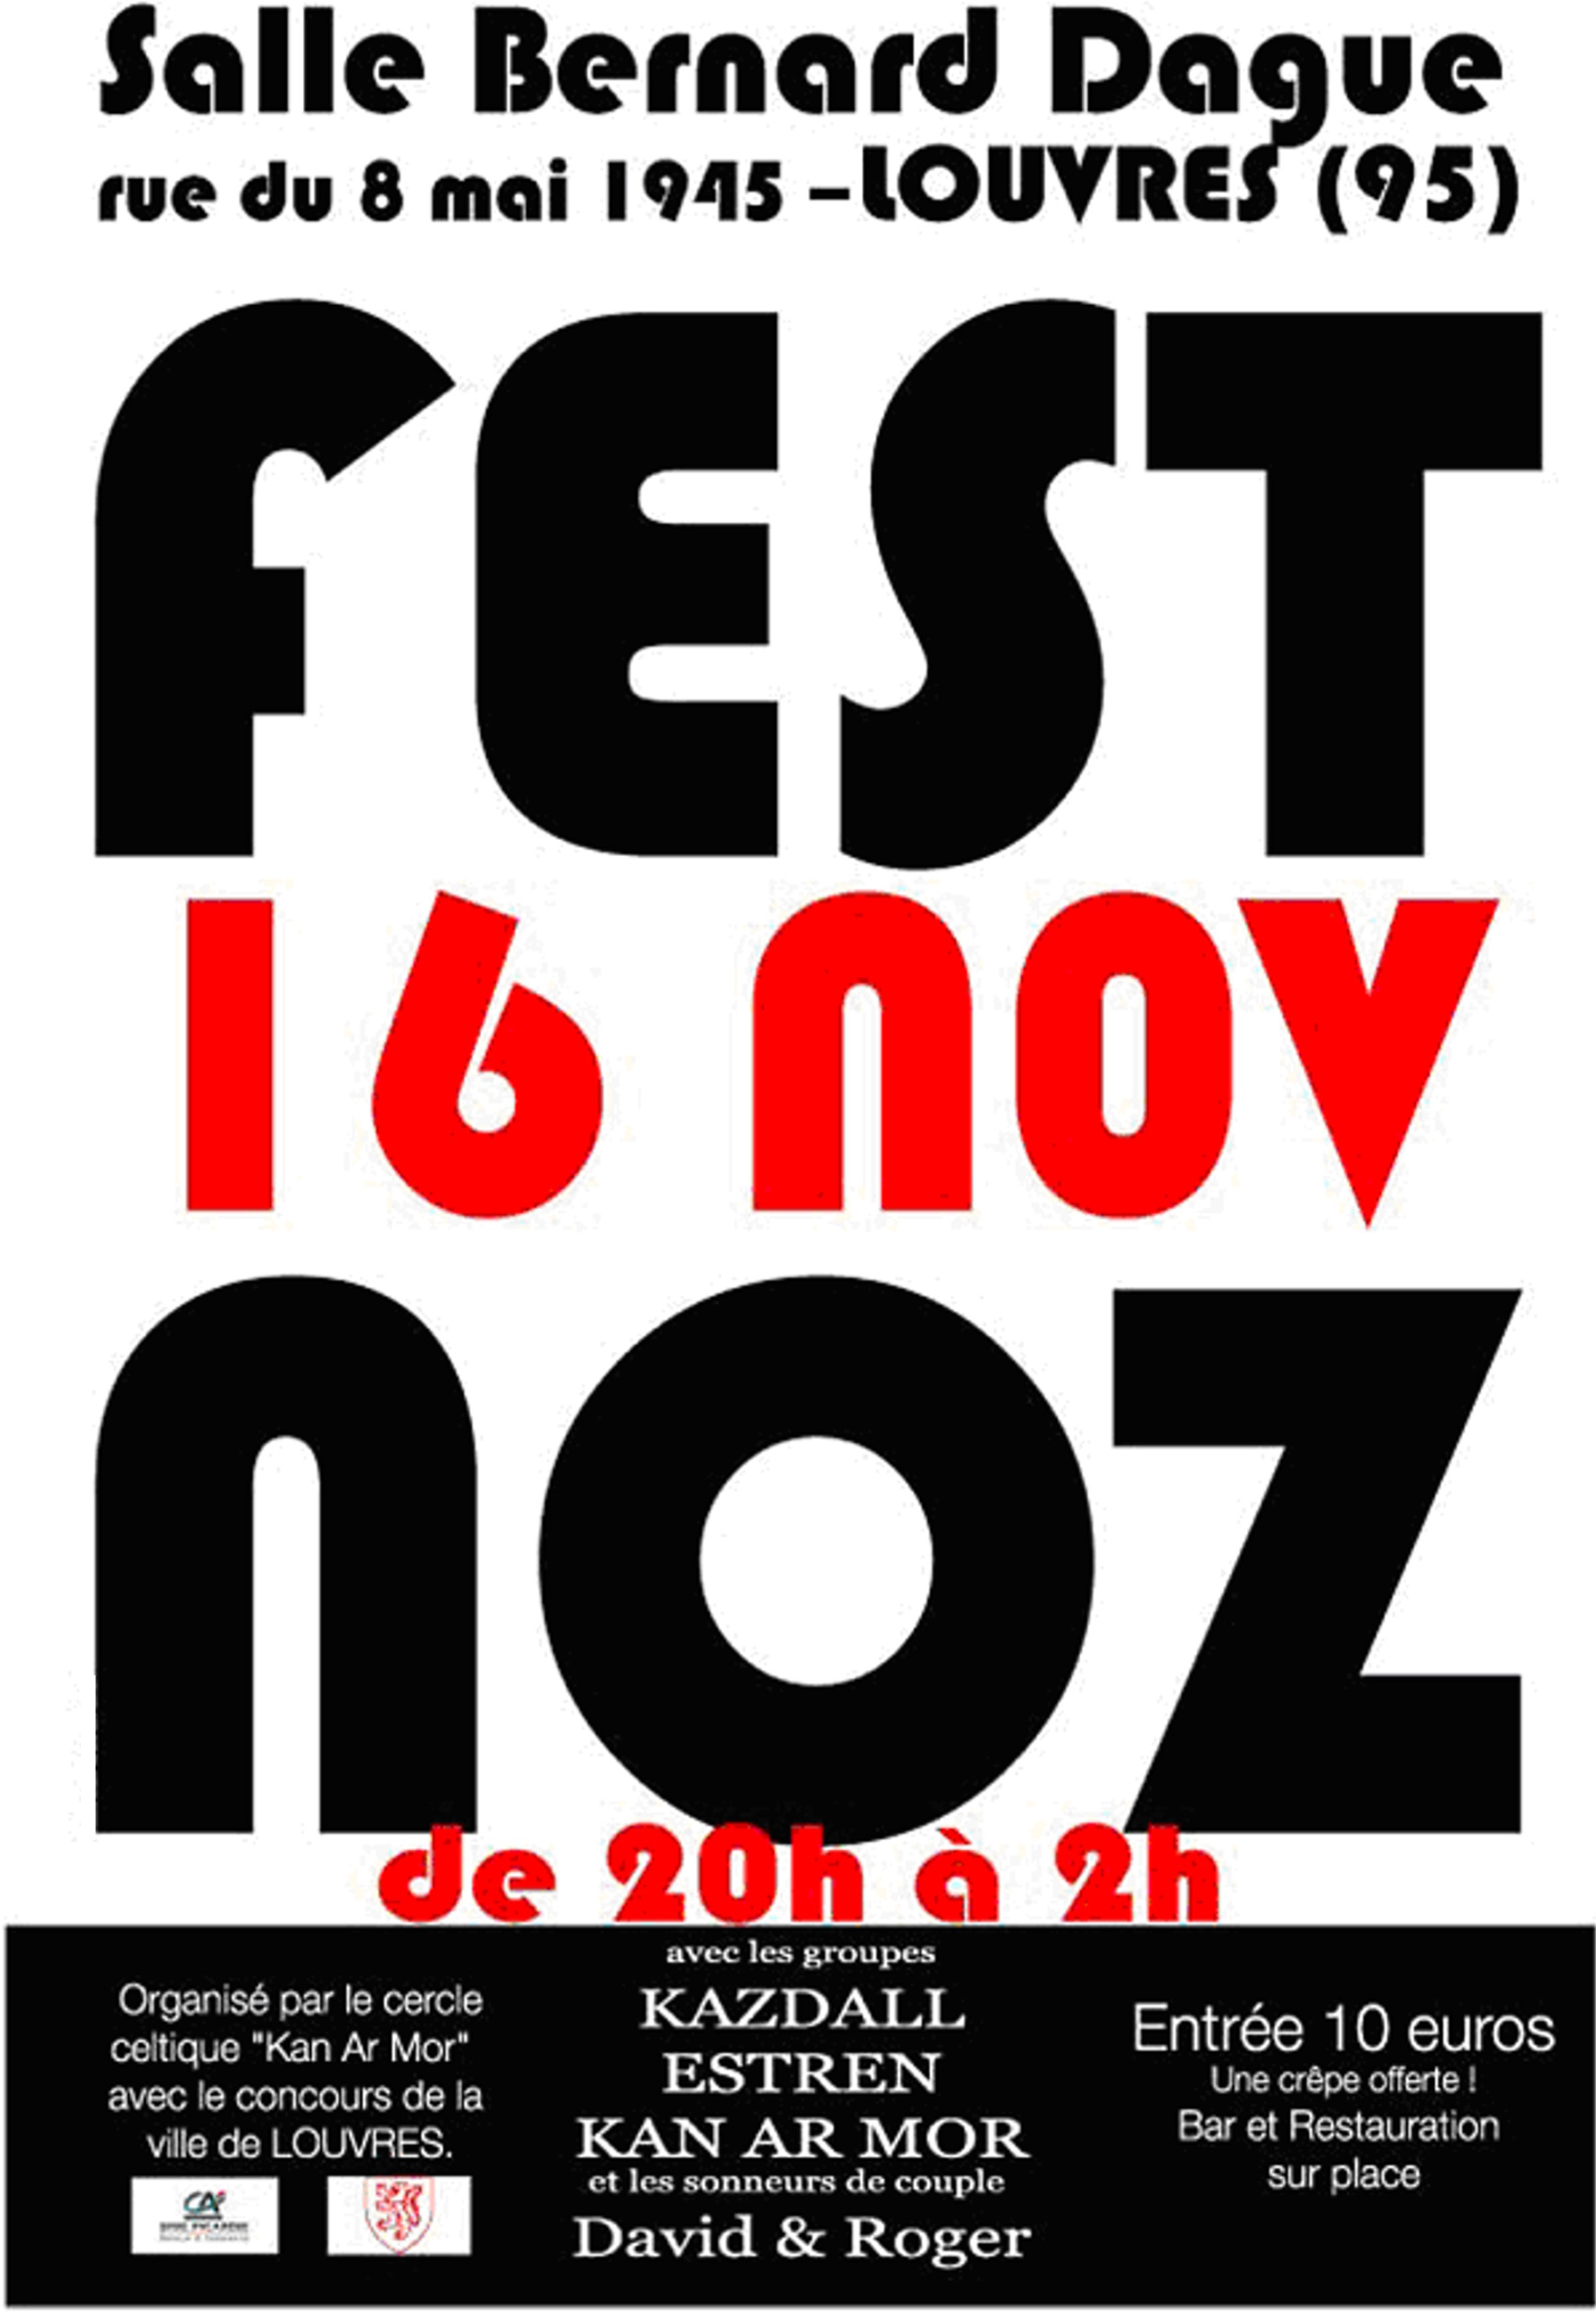 Affiche Fest-noz fest noz de Louvres (95) à Louvres